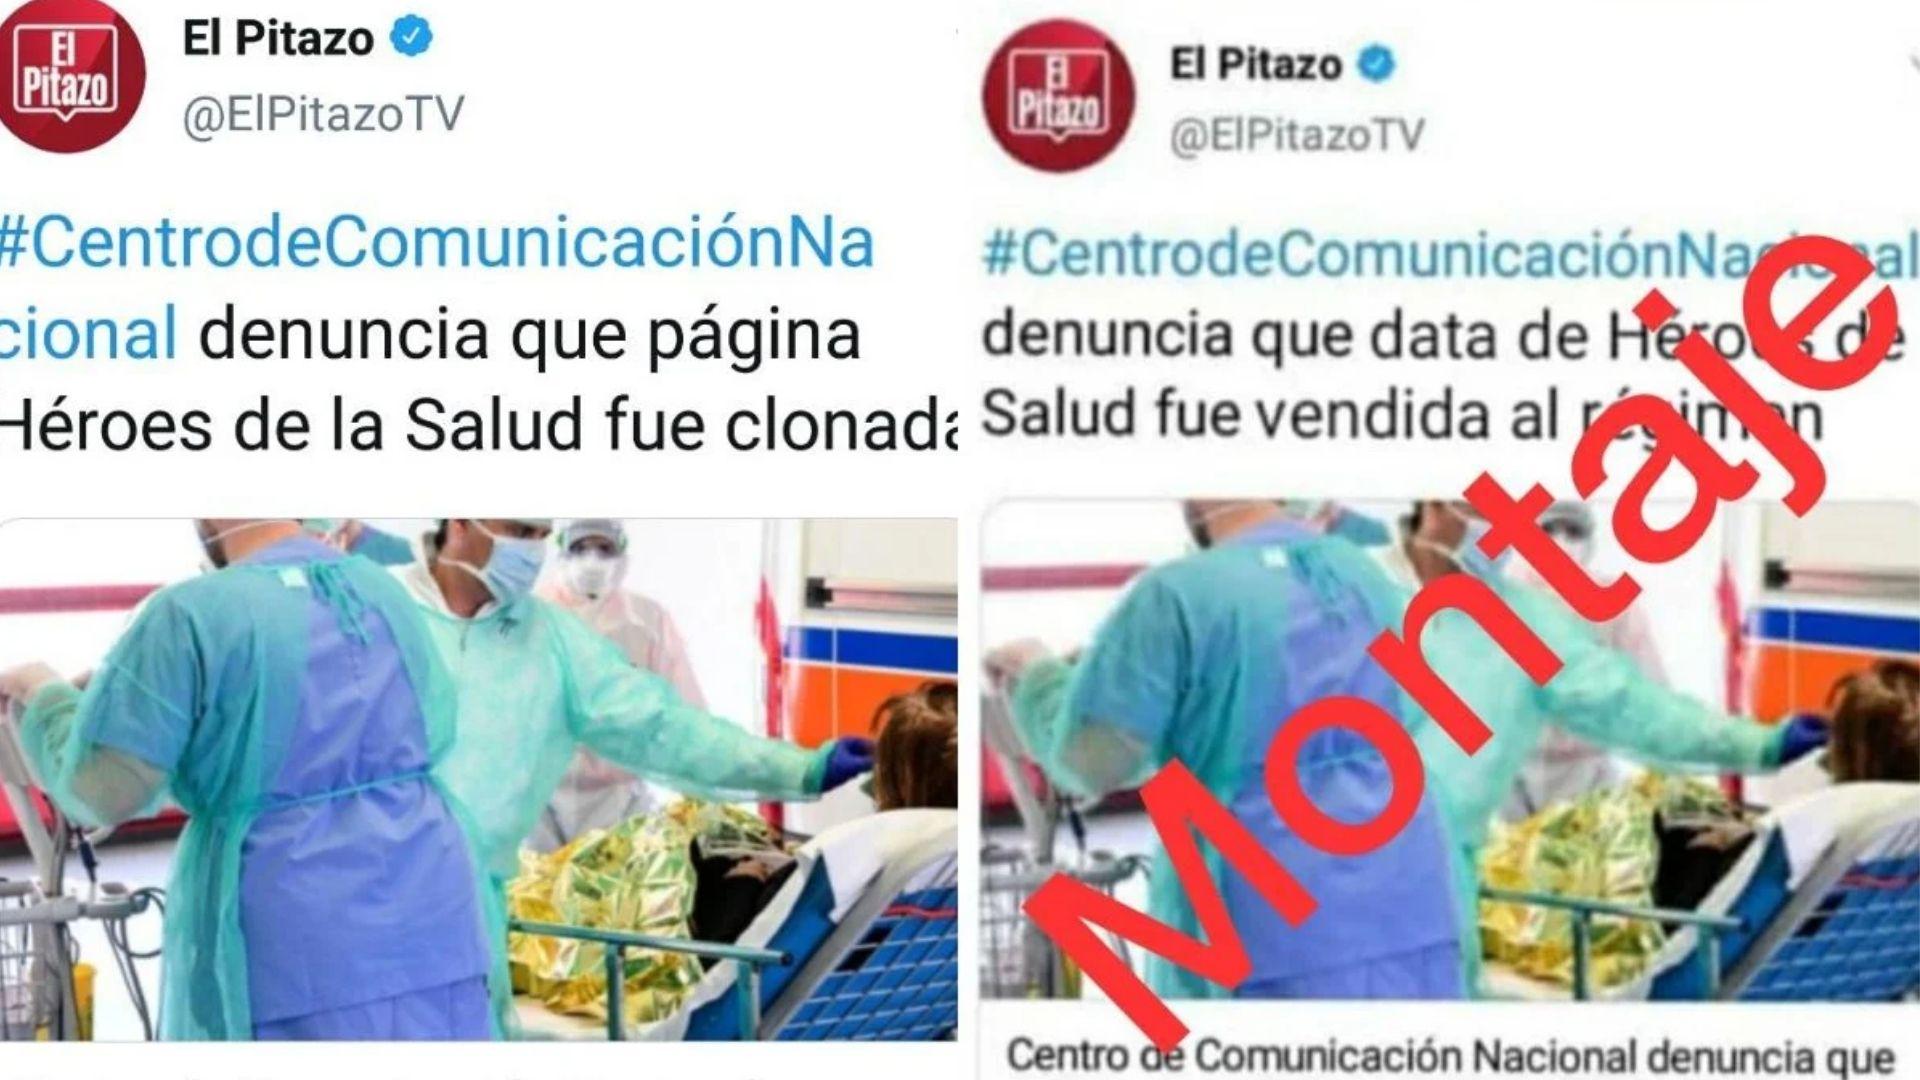 Denuncian uso de falso tuit de El Pitazo para desinformar